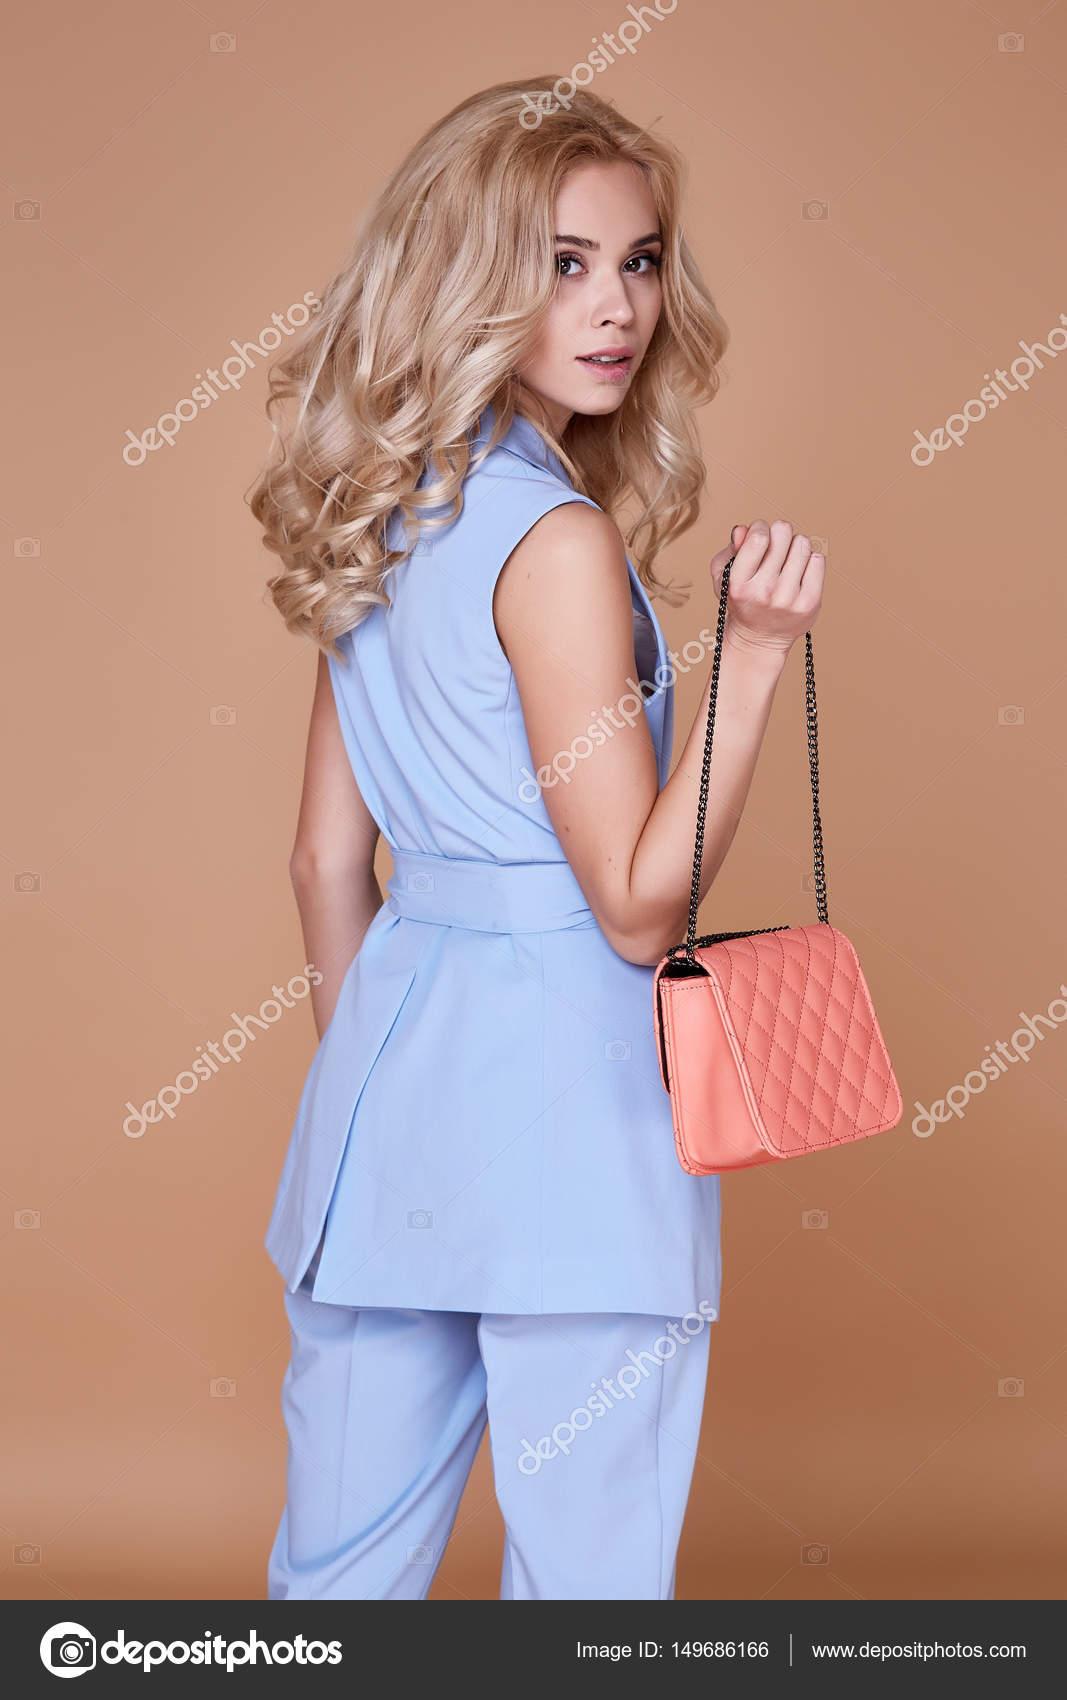 giacca e pantaloni skinn sexy Bella vestito blu ragazza usura bella ppqw1ZR